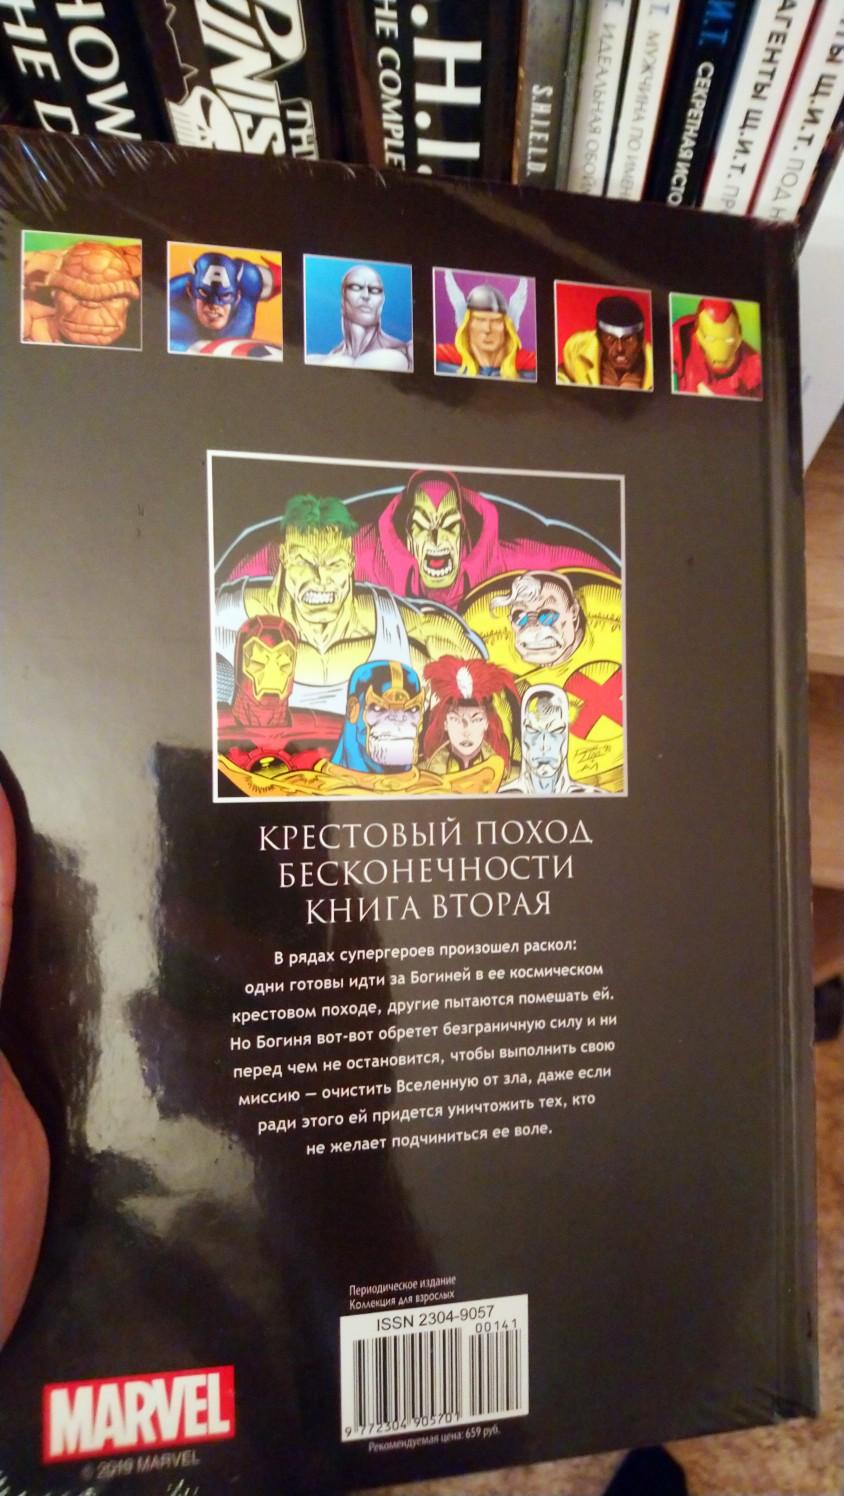 Marvel Официальная коллекция комиксов №141 - Крестовый поход Бесконечности. Книга 2